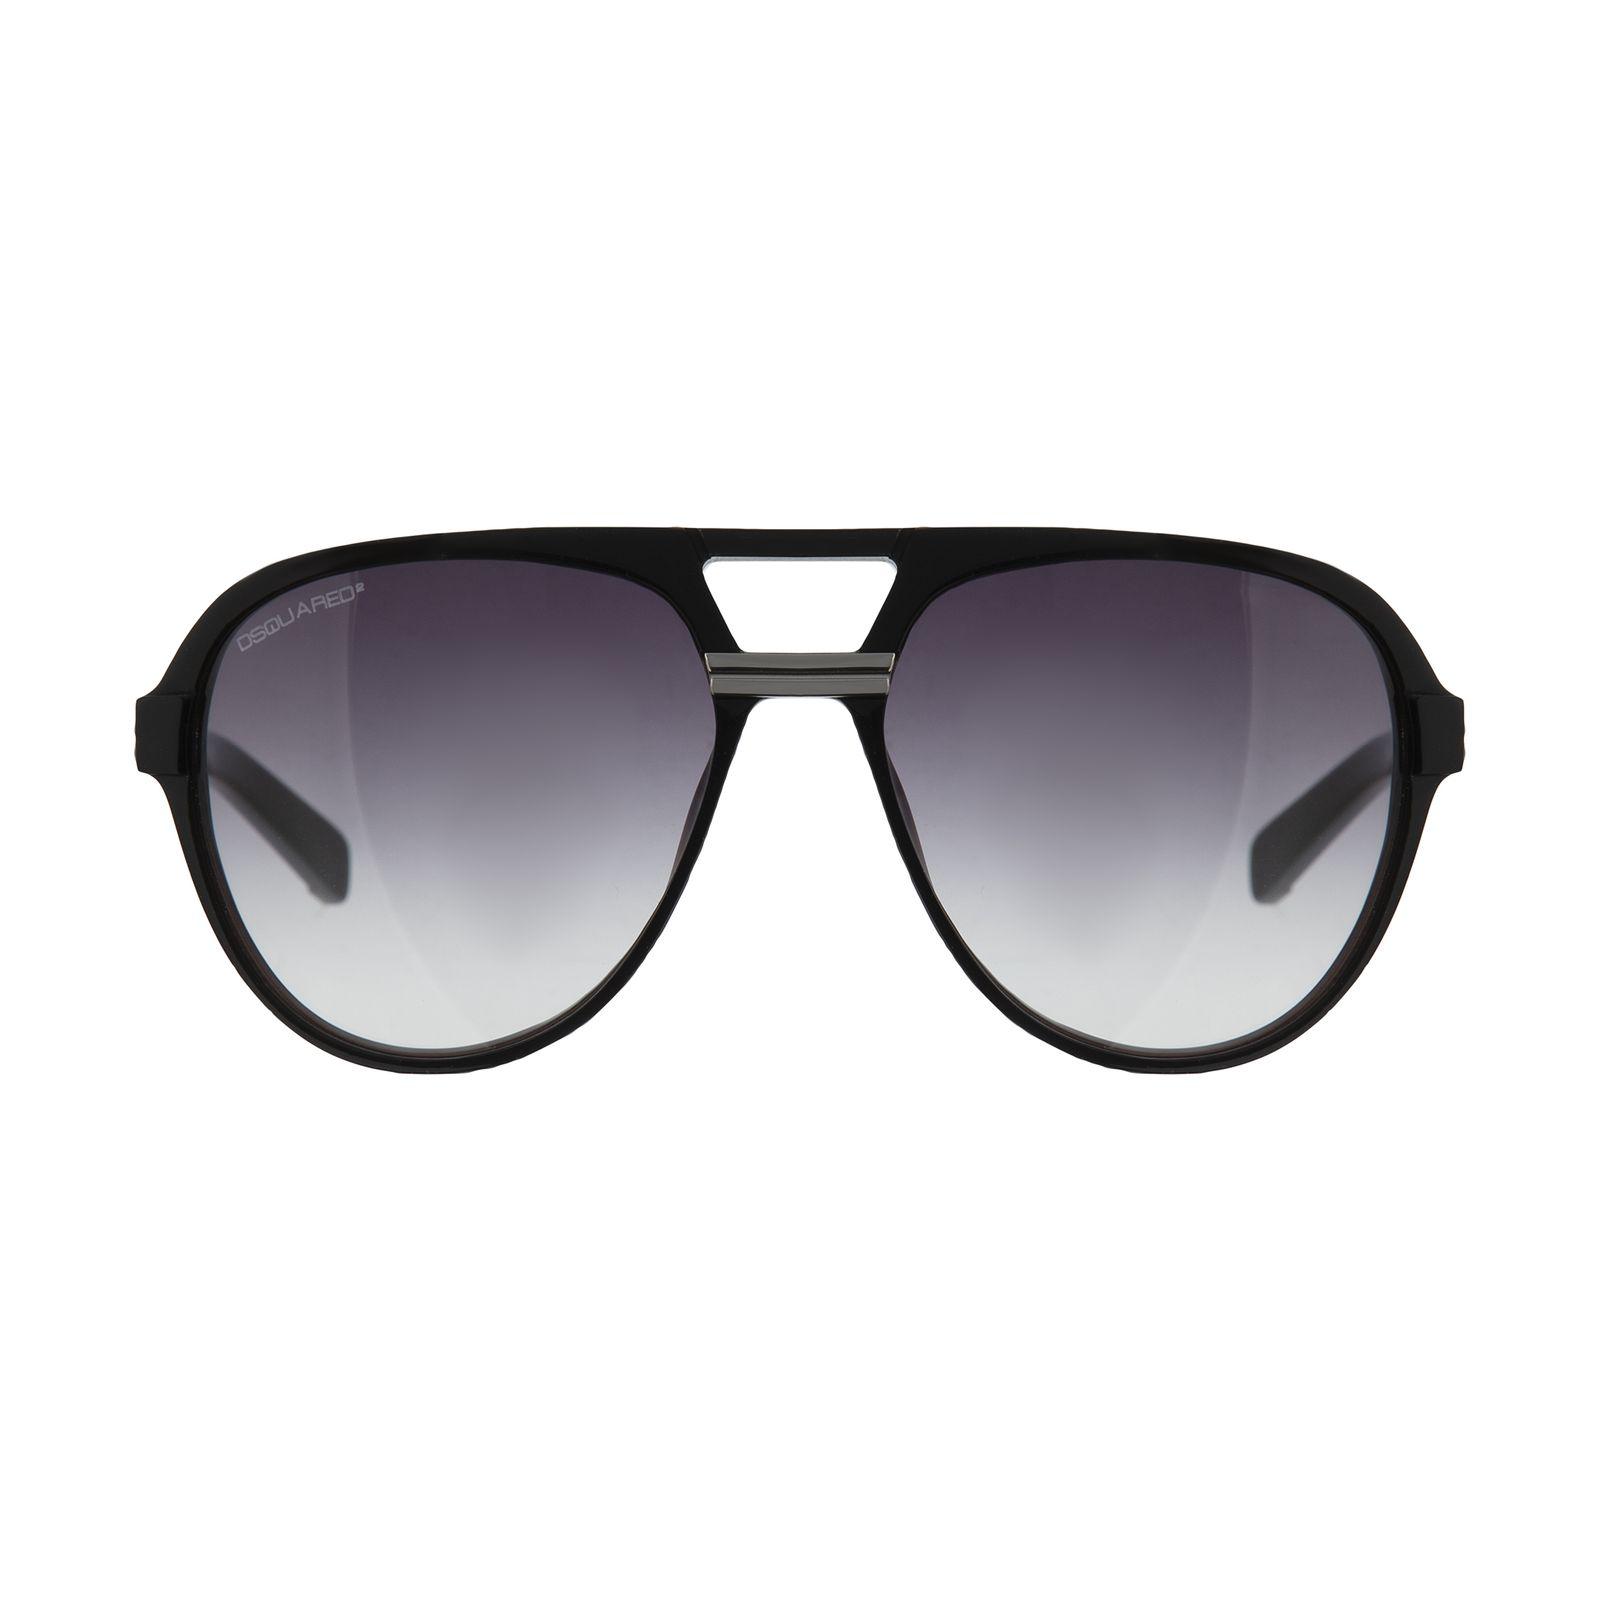 عینک آفتابی  دیسکوارد مدل 0070 -  - 2